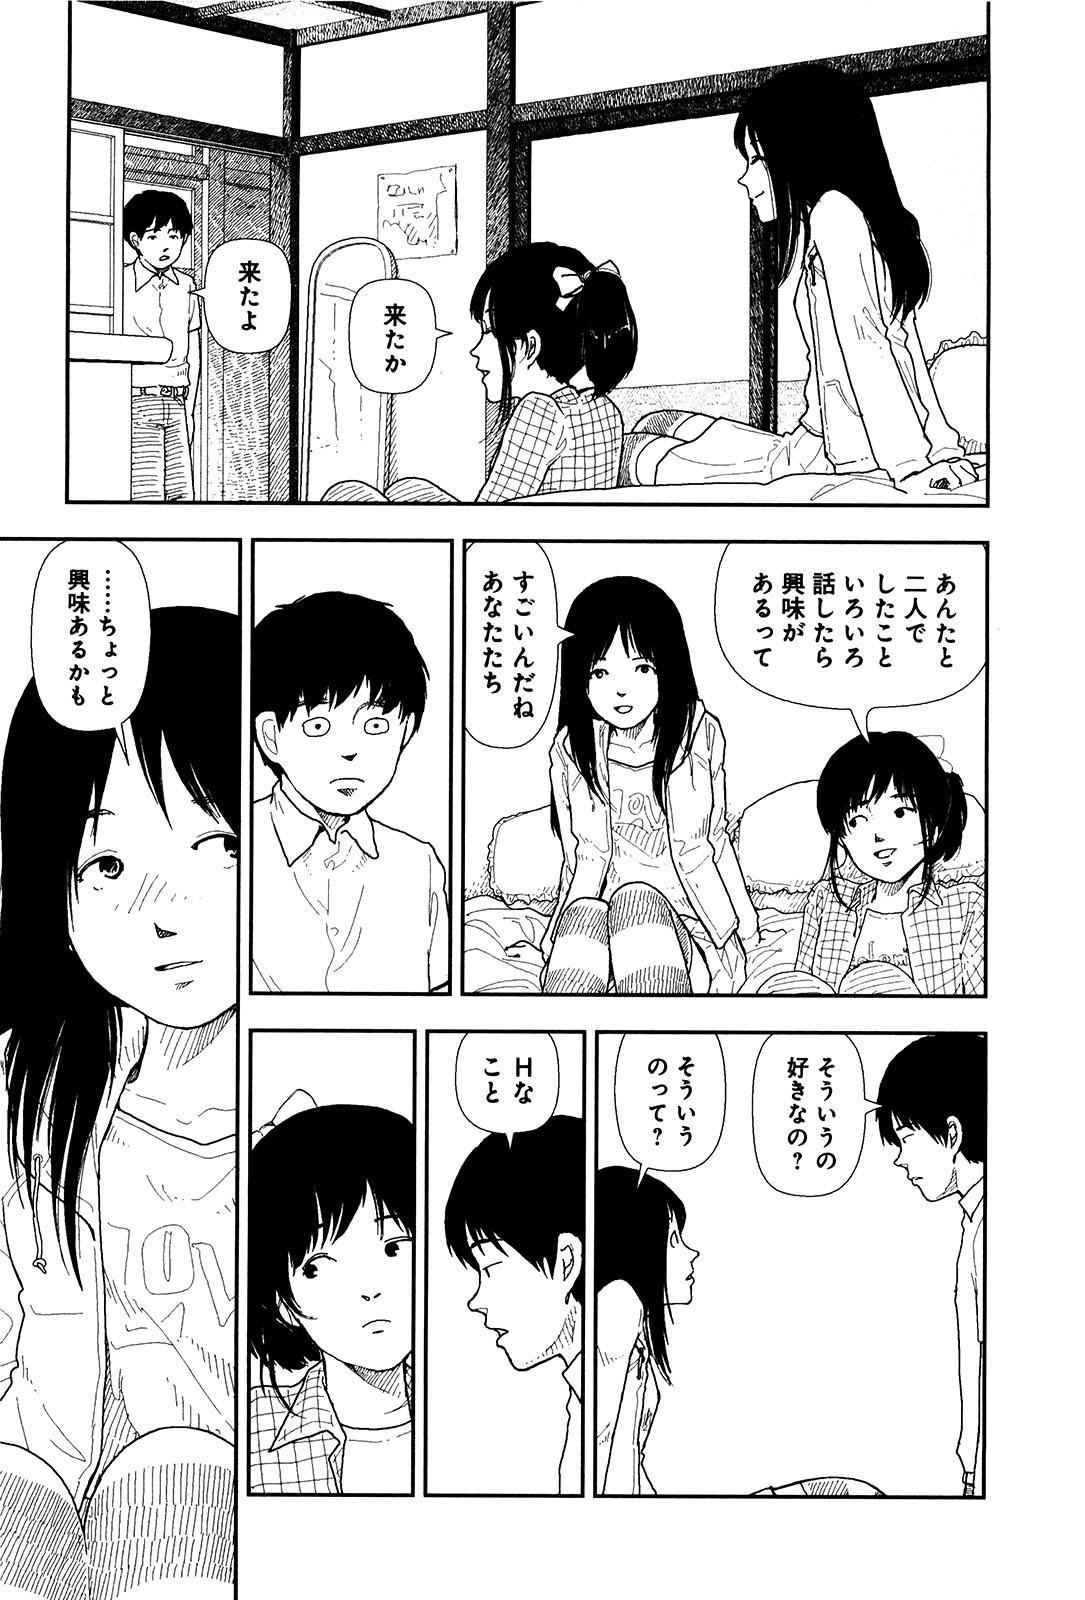 Bunkou no Hitotachi 1 68